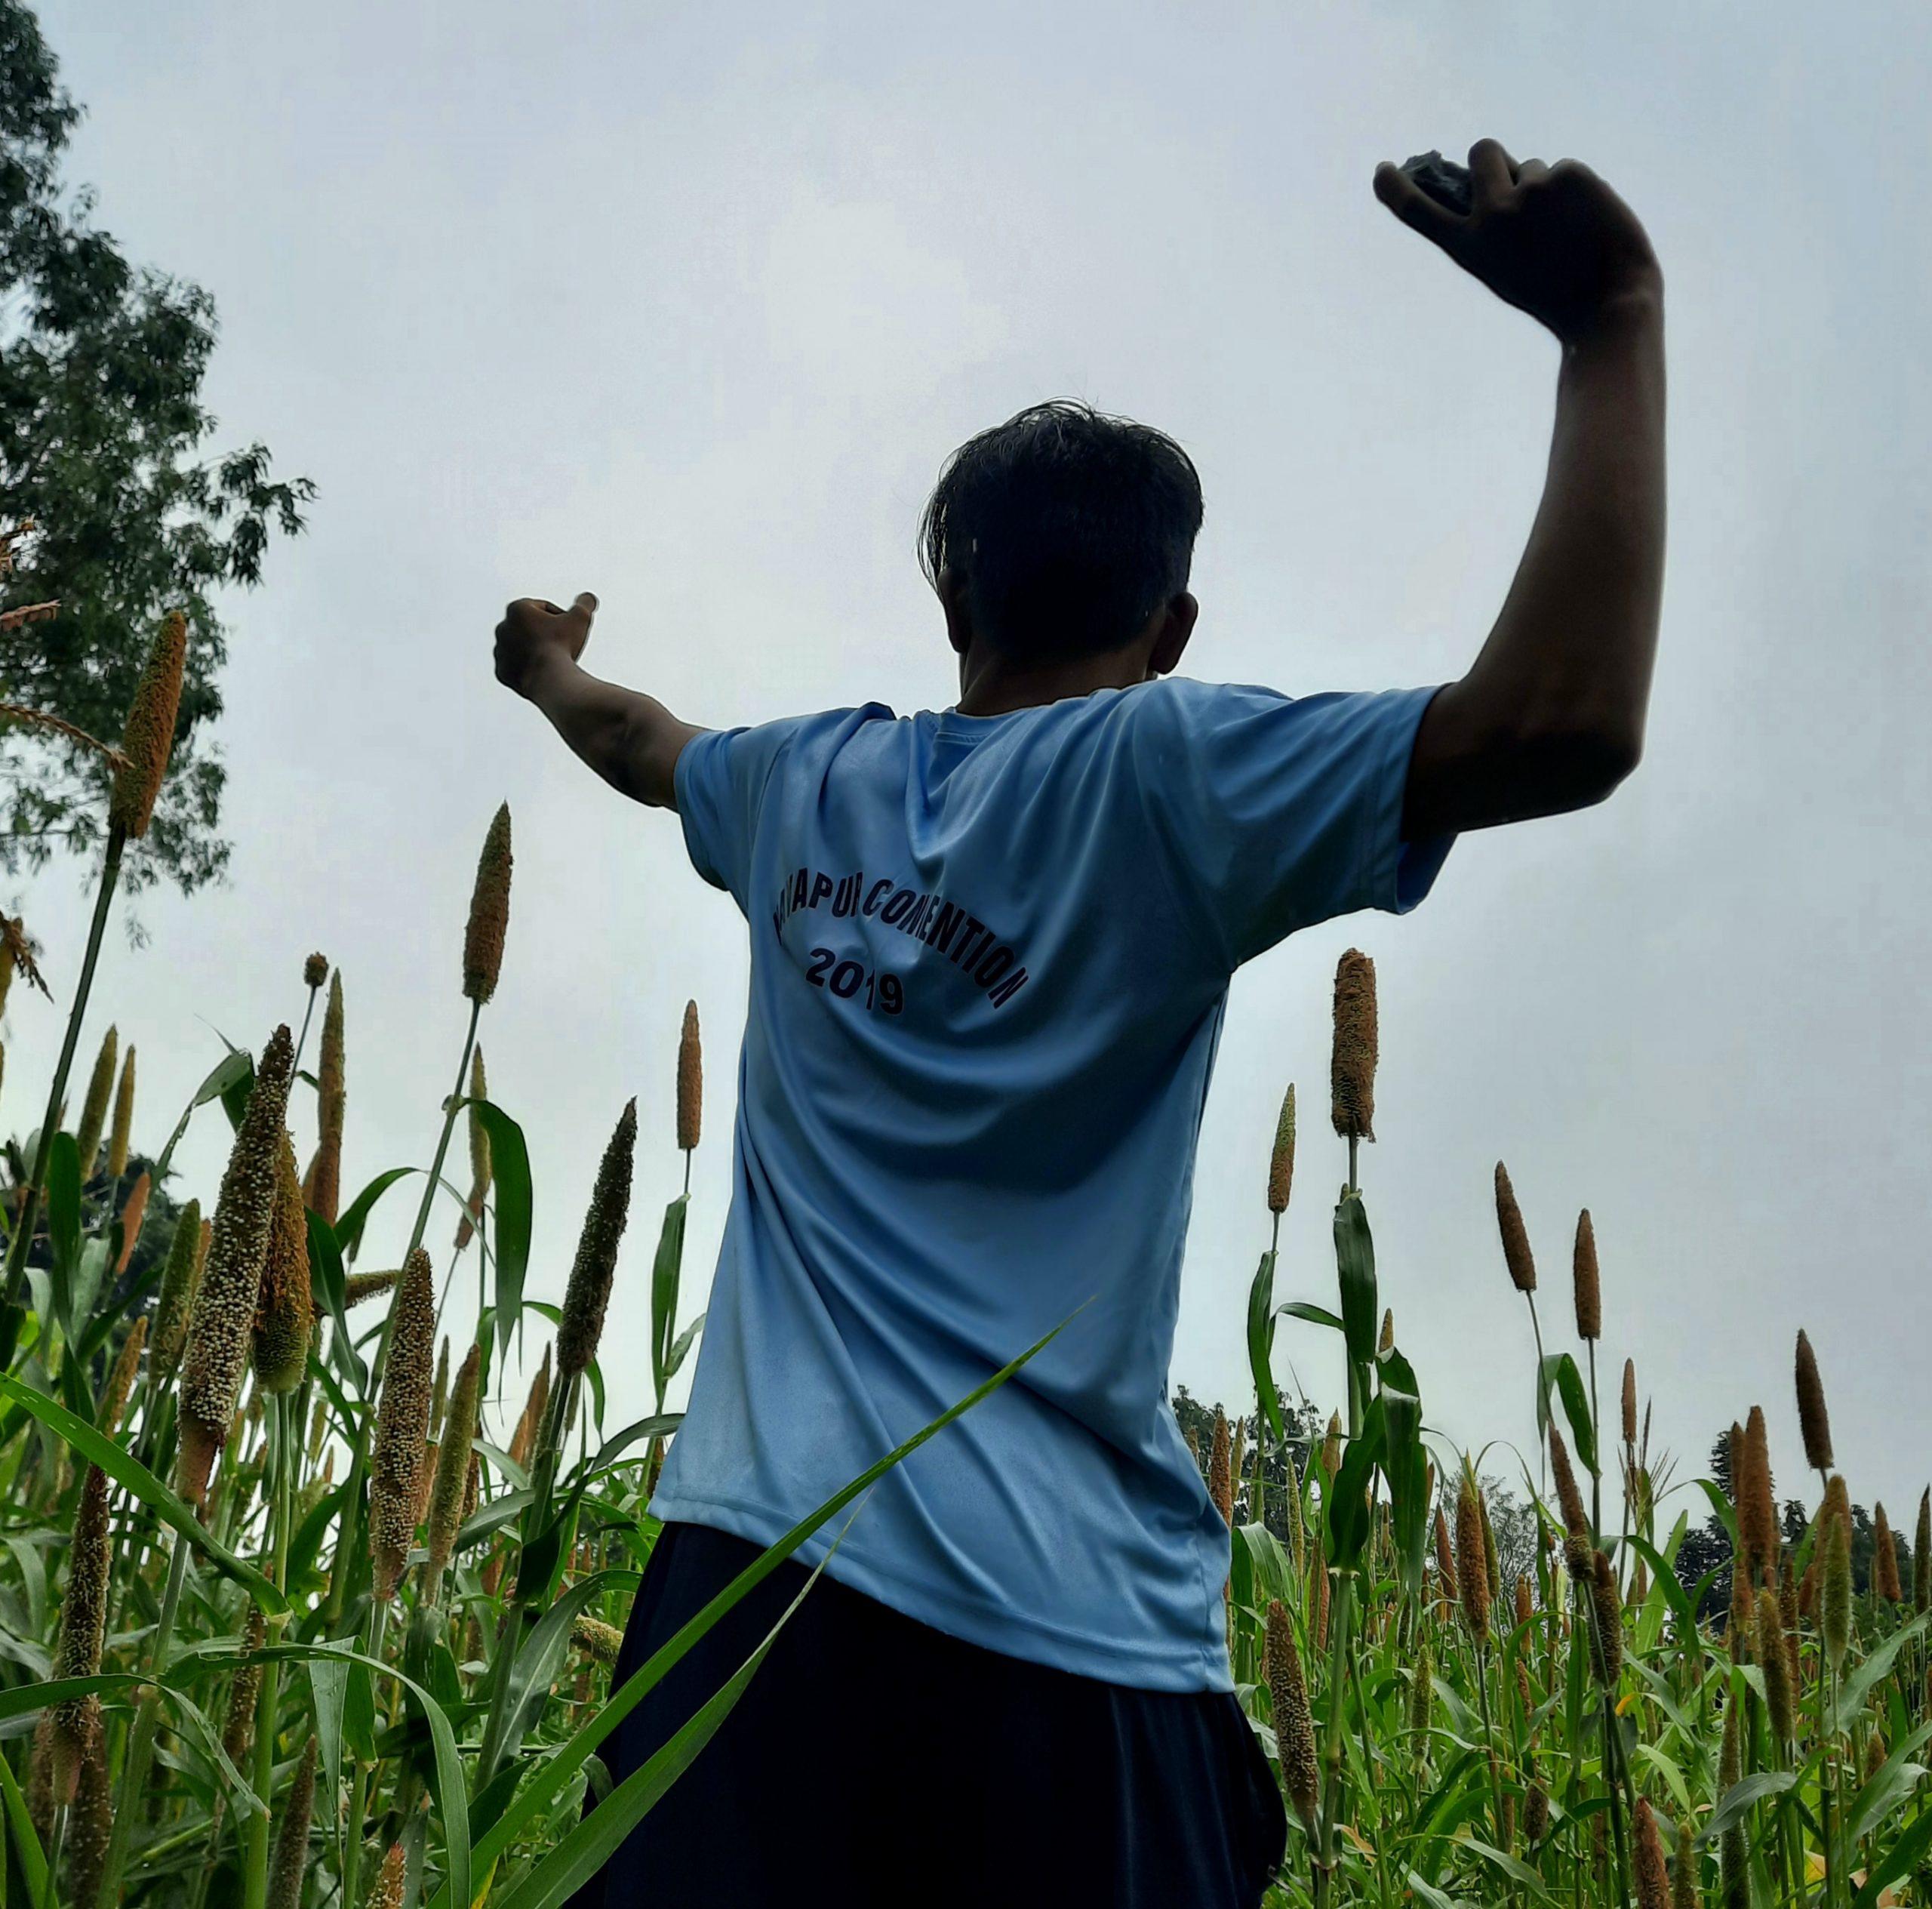 A farmer throwing stone